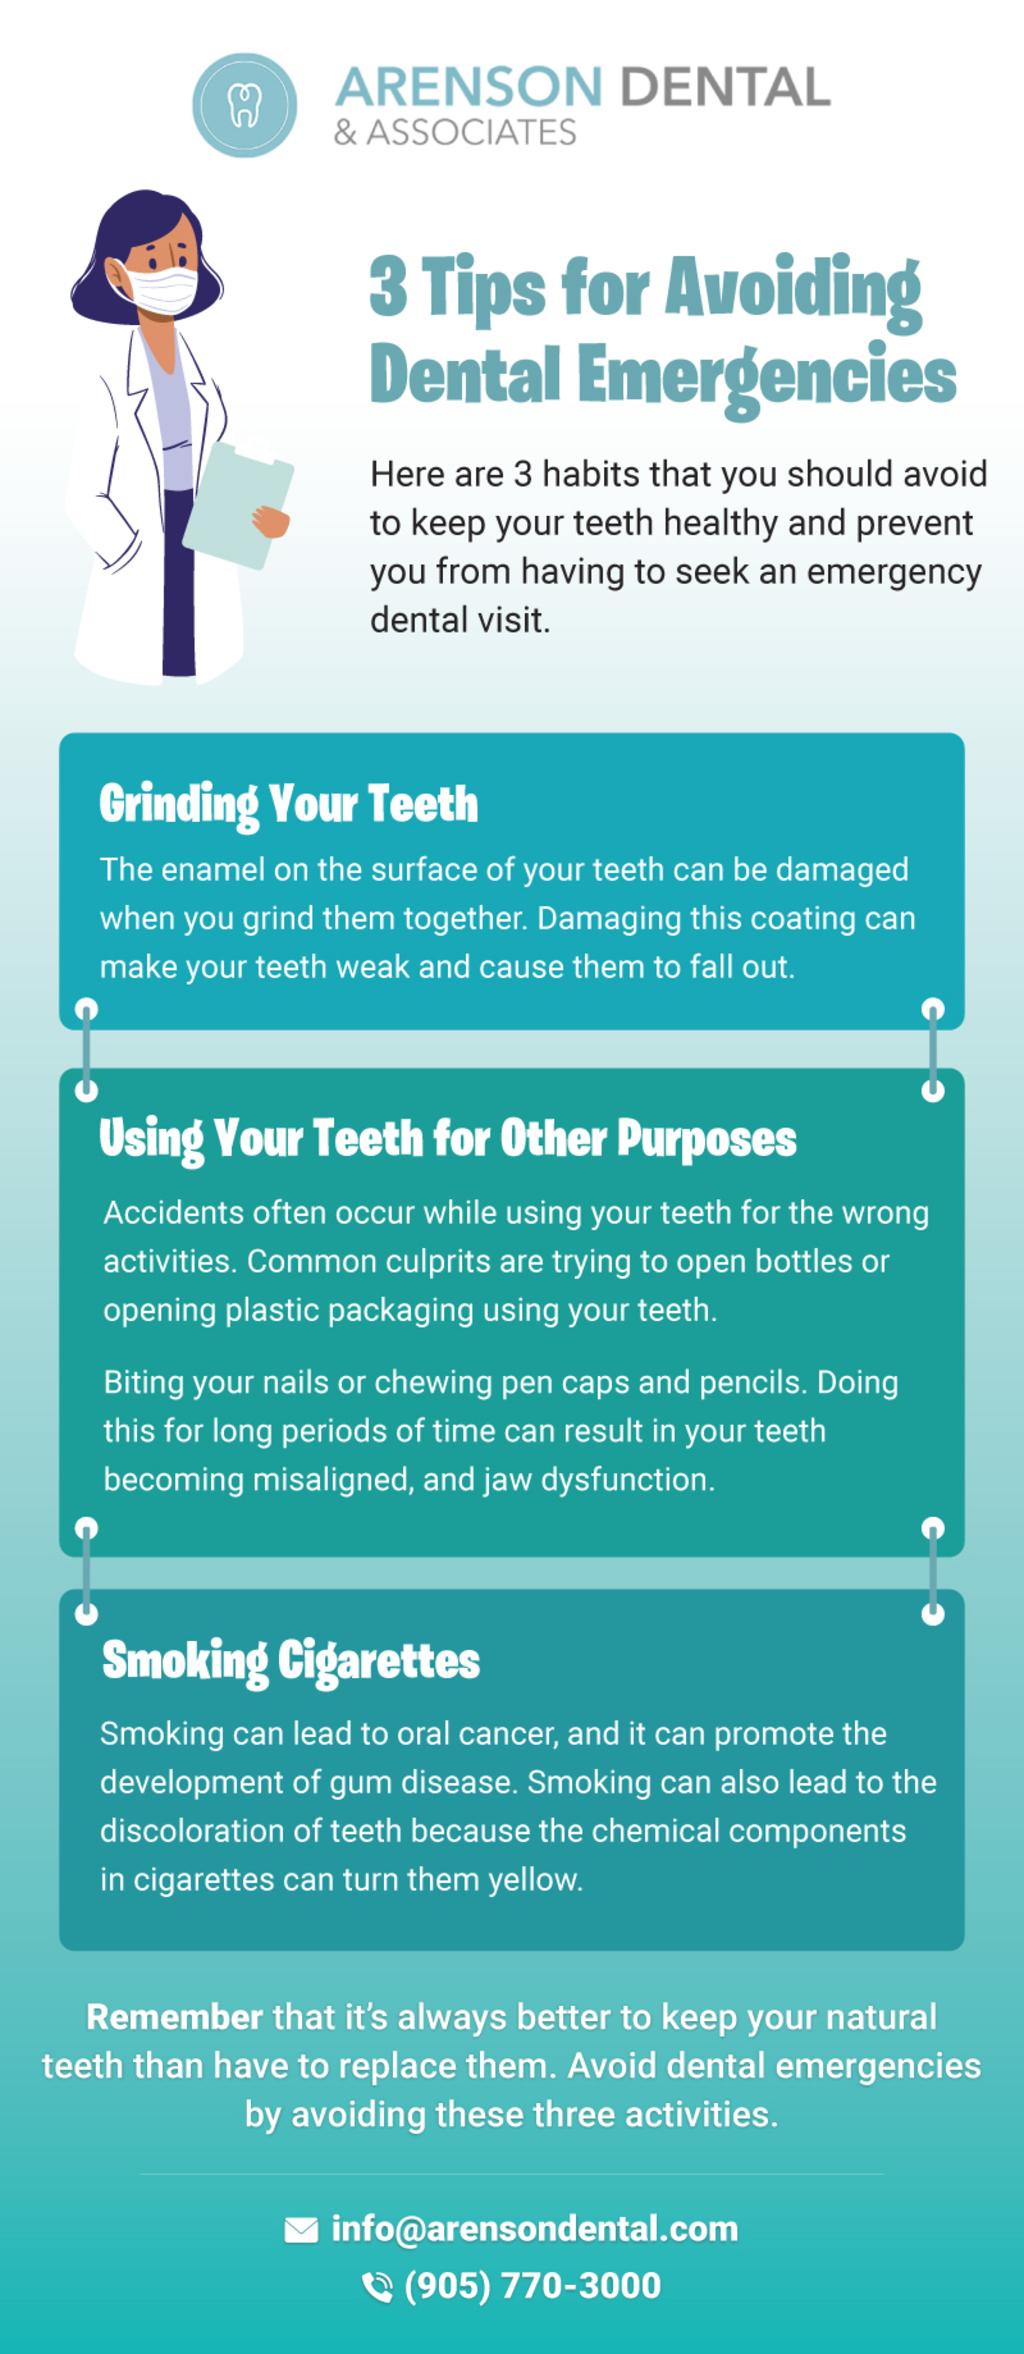 3 Tips for Avoidig Dental Emergencies via arensondental